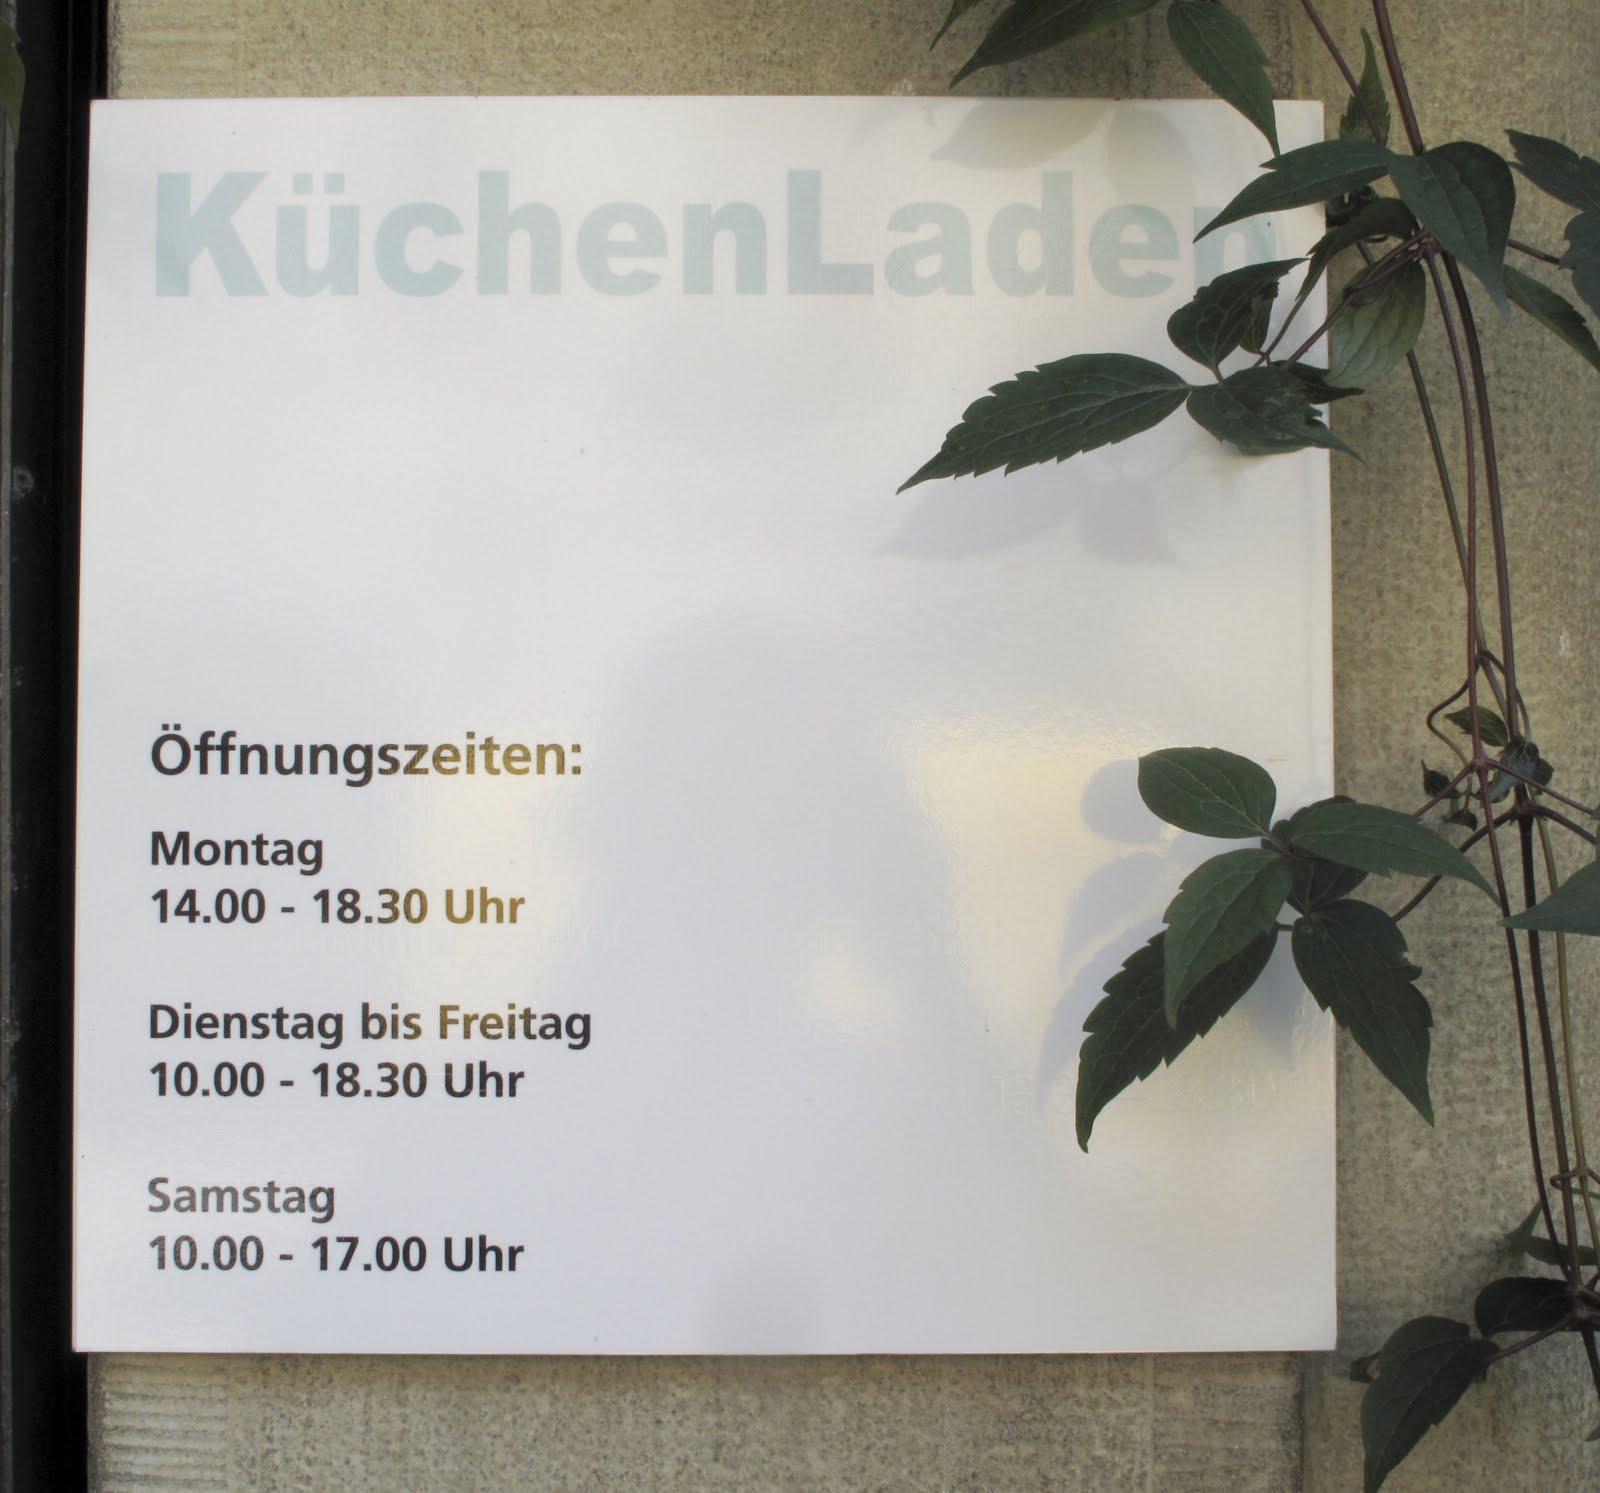 Küchenladen Bern ~ illucucina küchenladen bern dla kucharzy